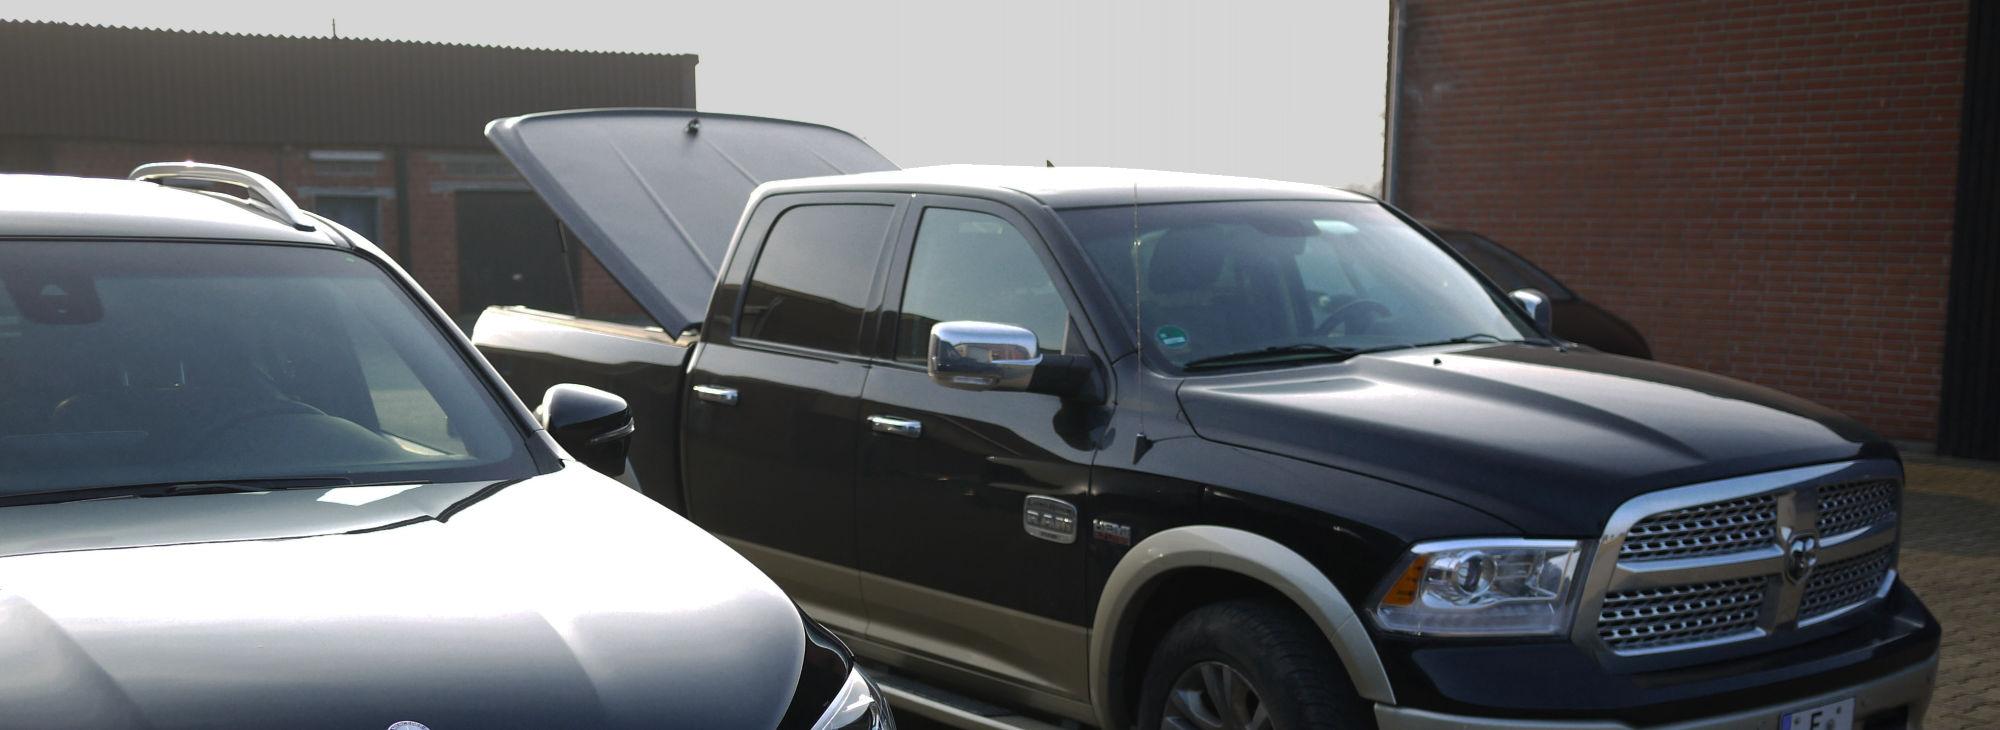 NOVISauto Laderaumabdeckung Deckel für Dodge RAM1500 Ford F150 Sierra Silverado Tundra